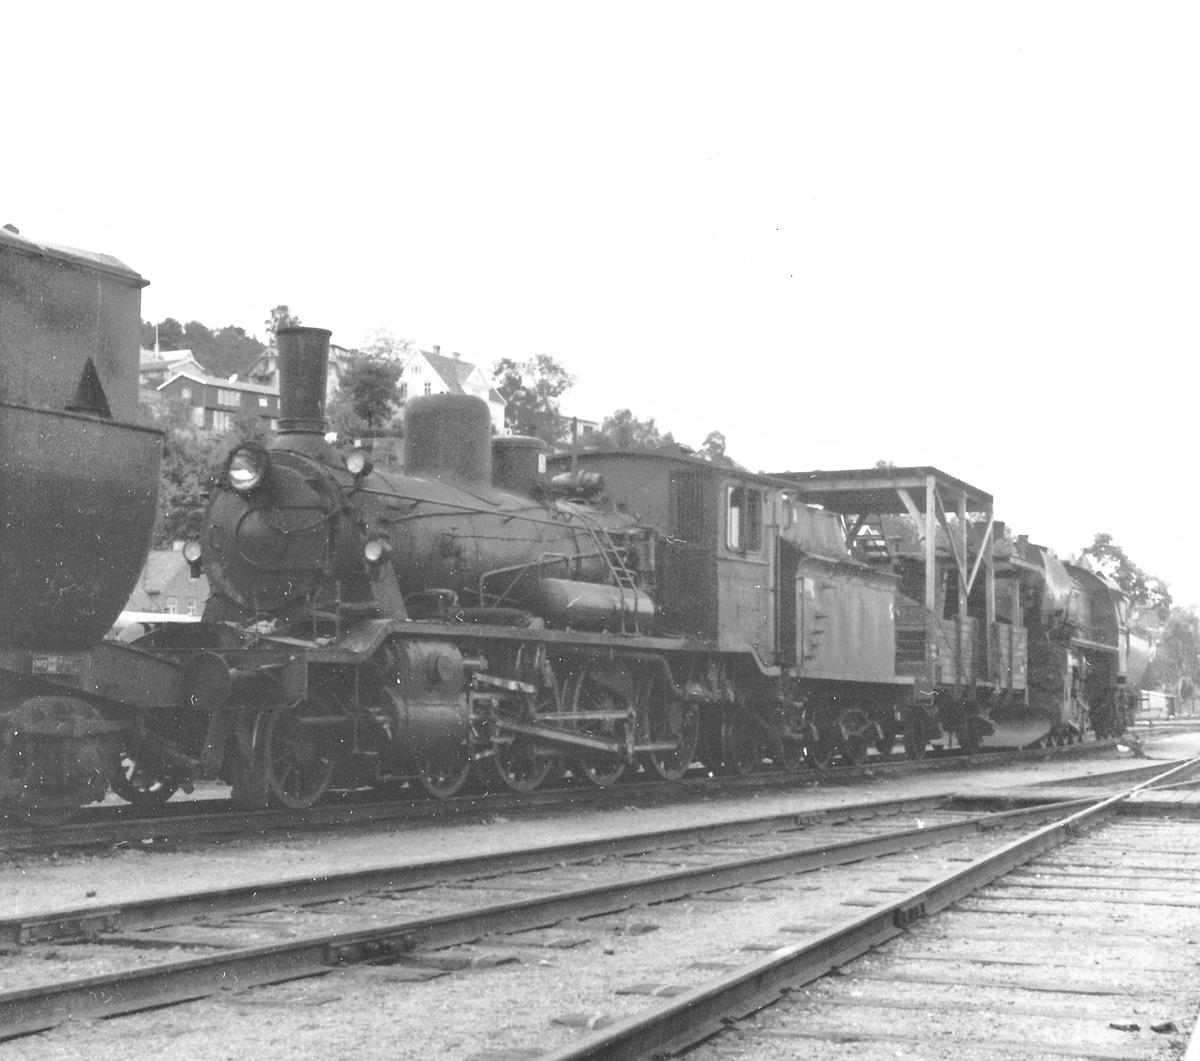 Hensatt damplokomotiv type 18c nr. 233 på Marienborg.